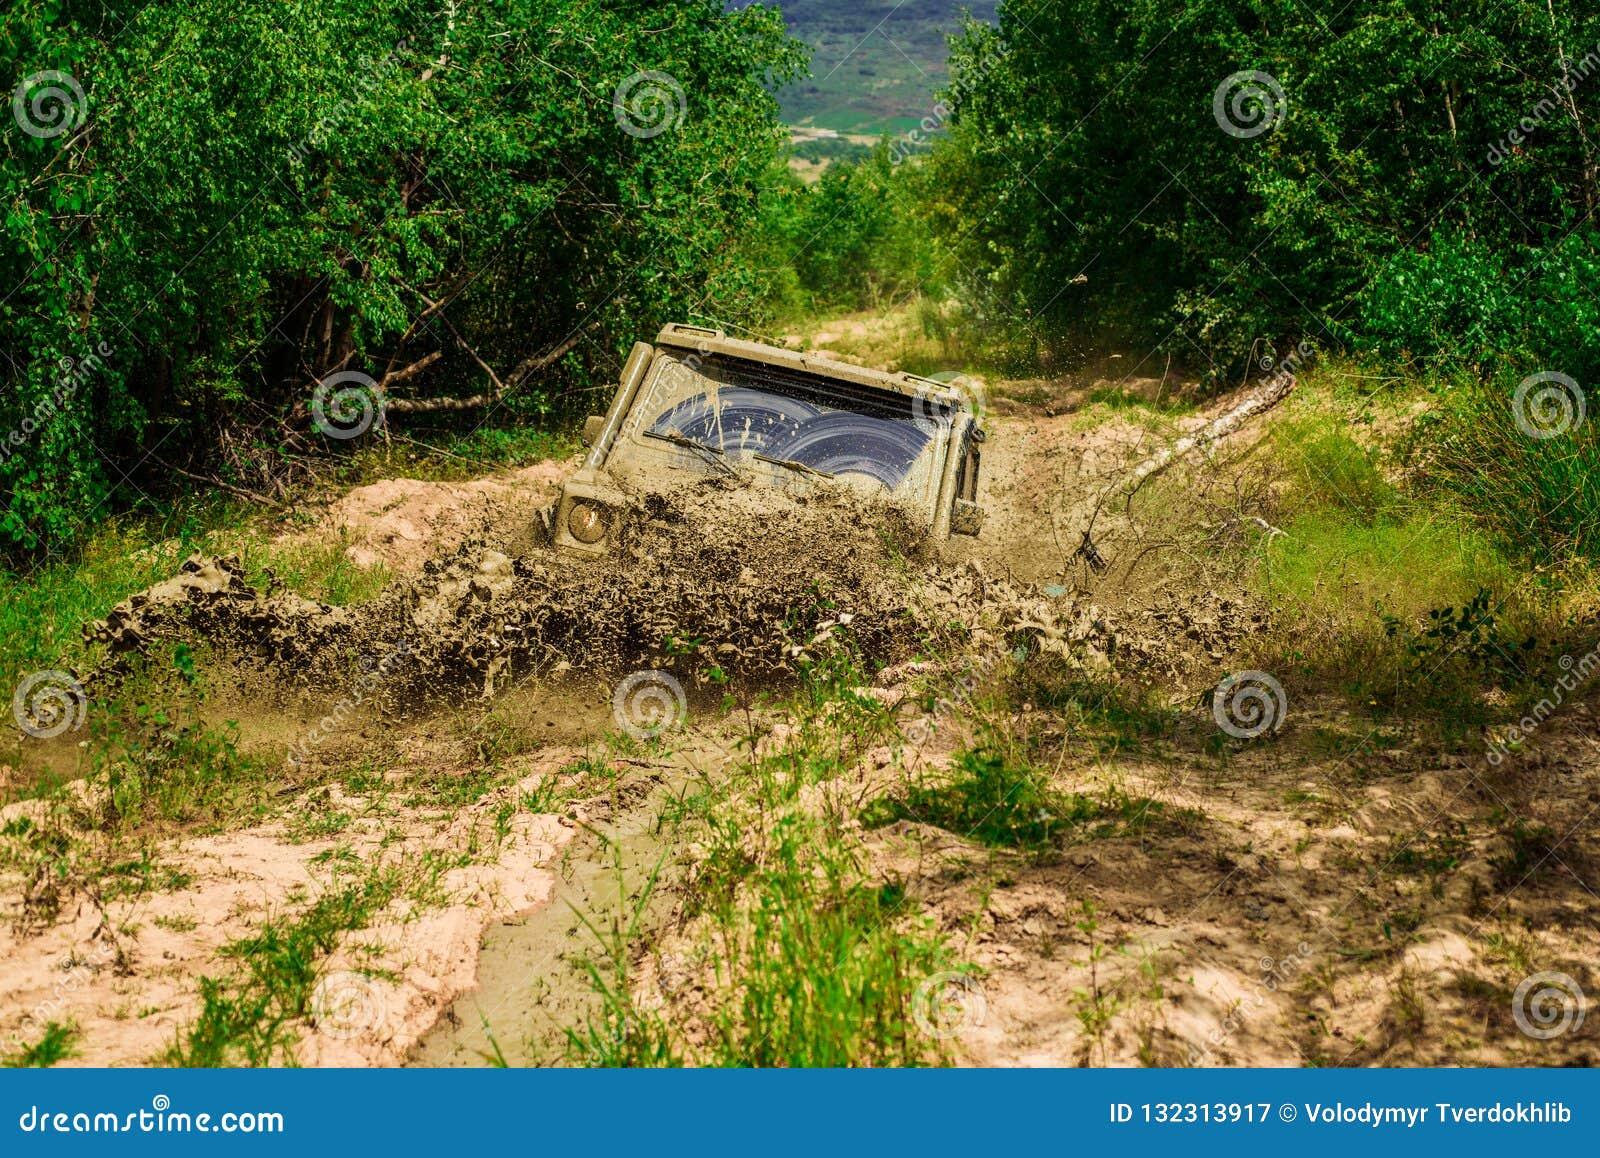 Éclaboussure de boue et d eau dans l emballage tous terrains Mudding off-roading par un secteur de boue ou d argile humide Voies